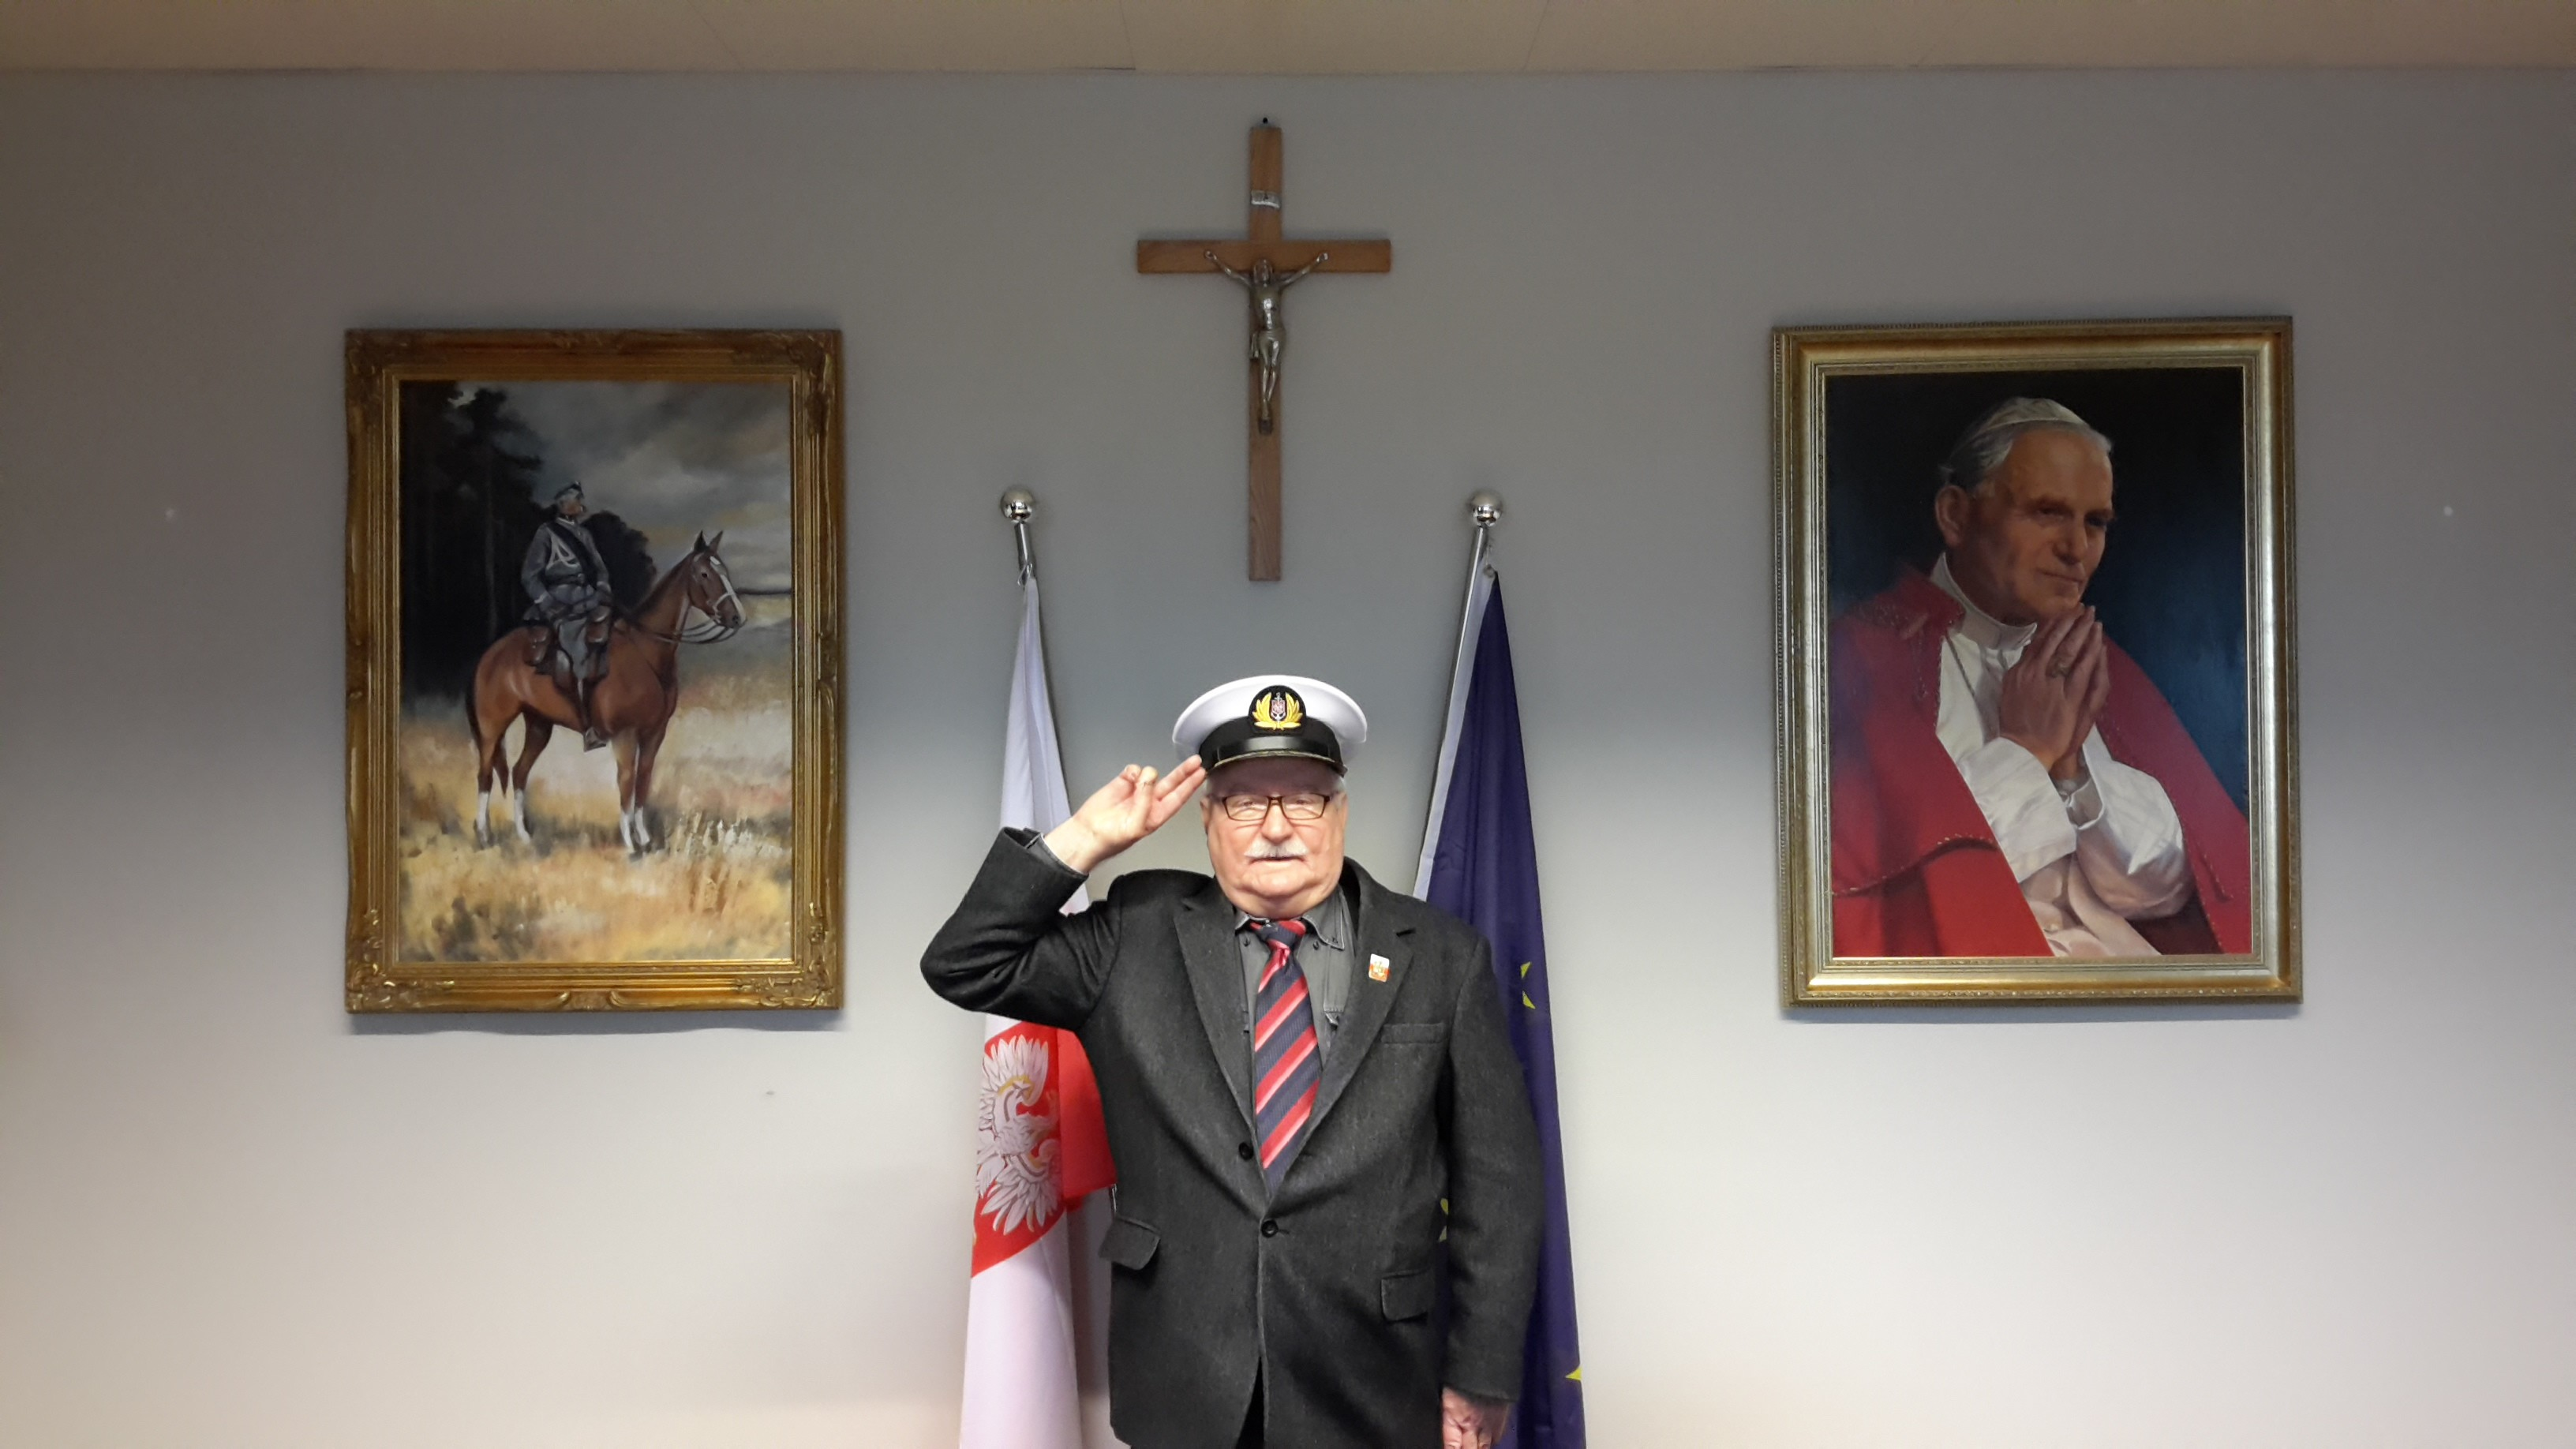 Spektakularny i bolesny upadek Lecha Wałęsy